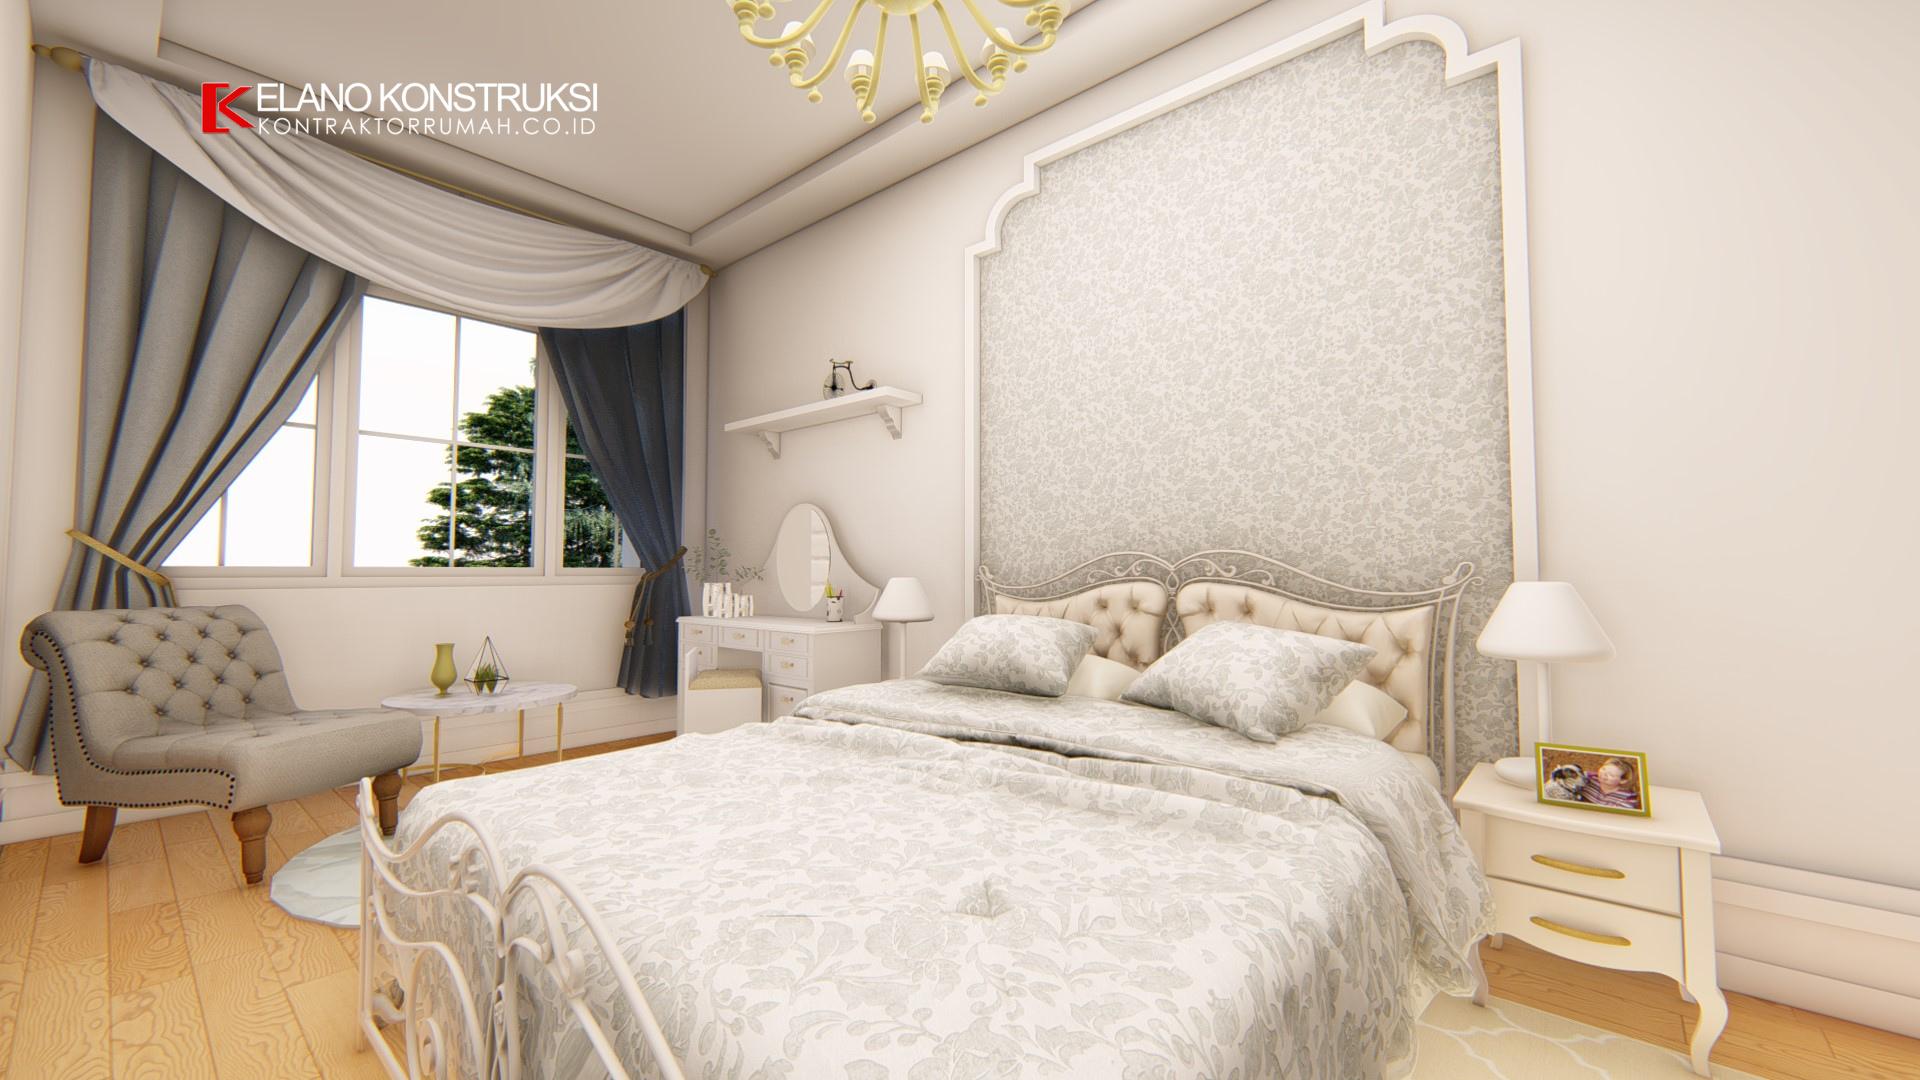 Untitled design 20 - Desain Interior Rumah shabby chic Bapak Wawan 250 M2 Depok